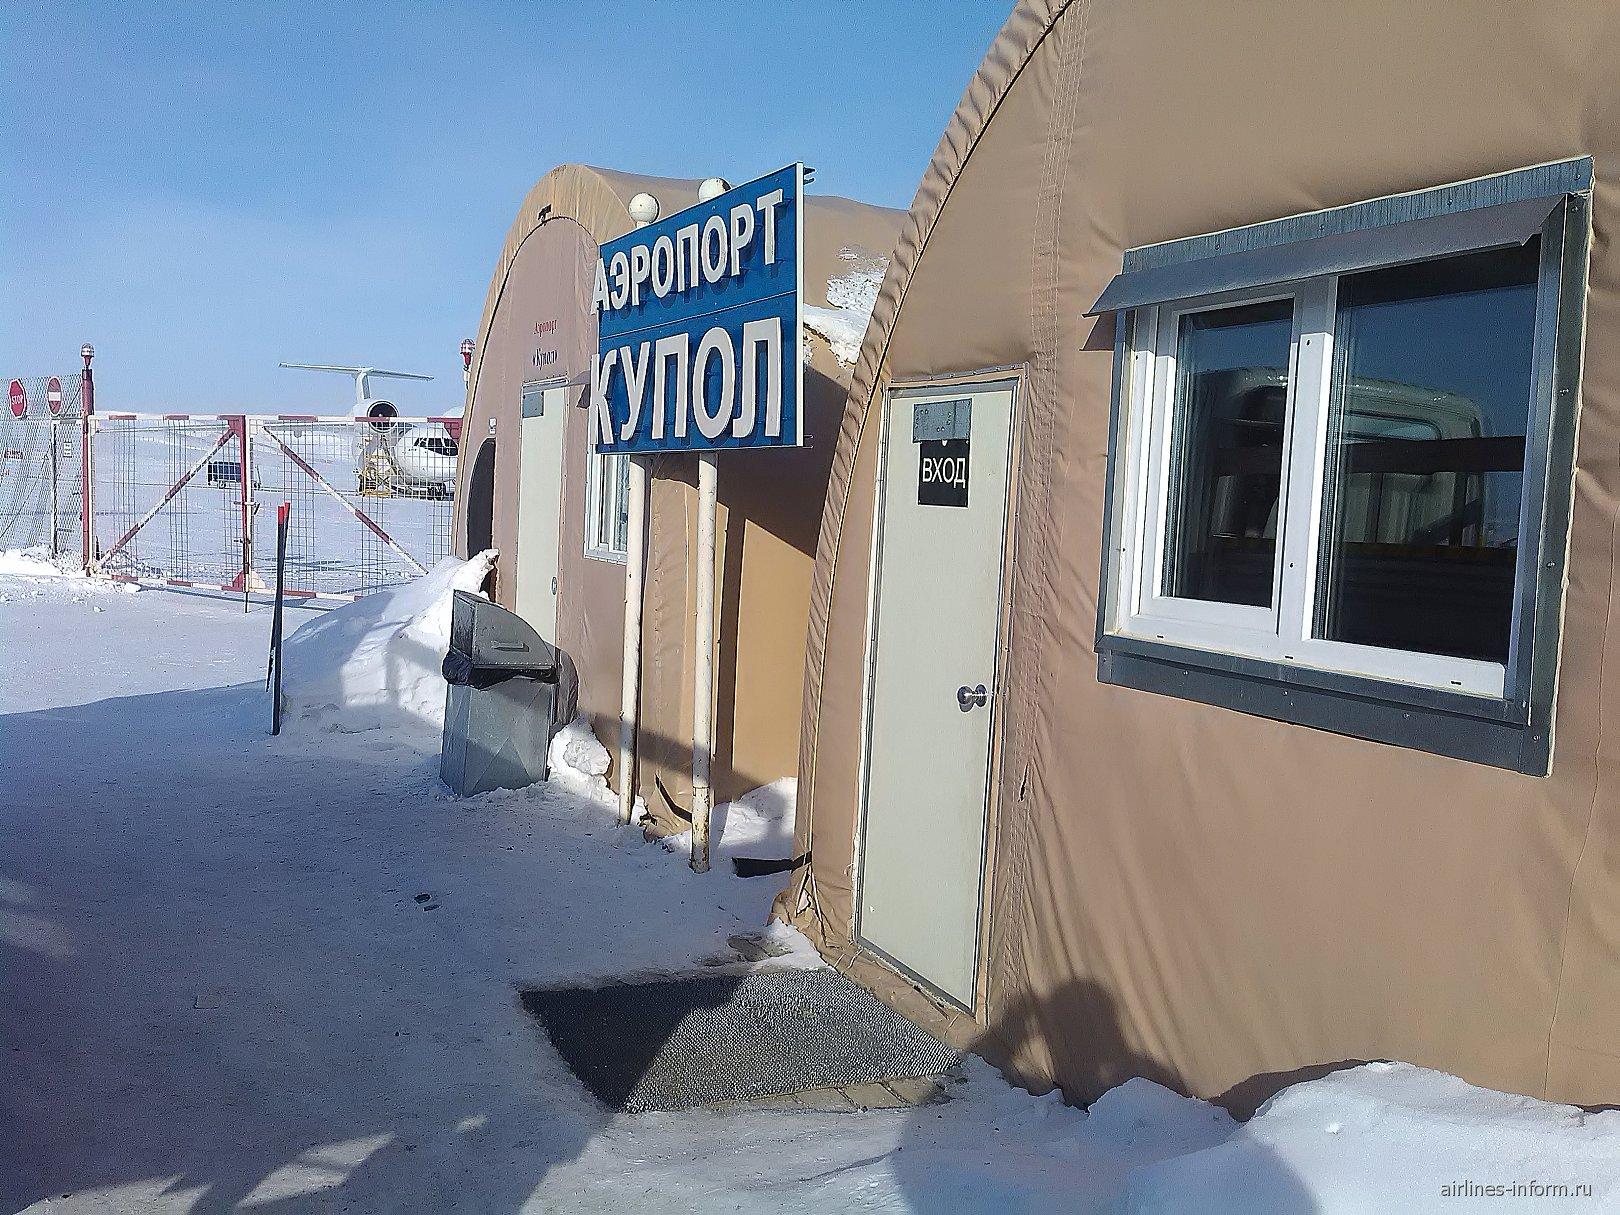 Аэропорт рудника Купол